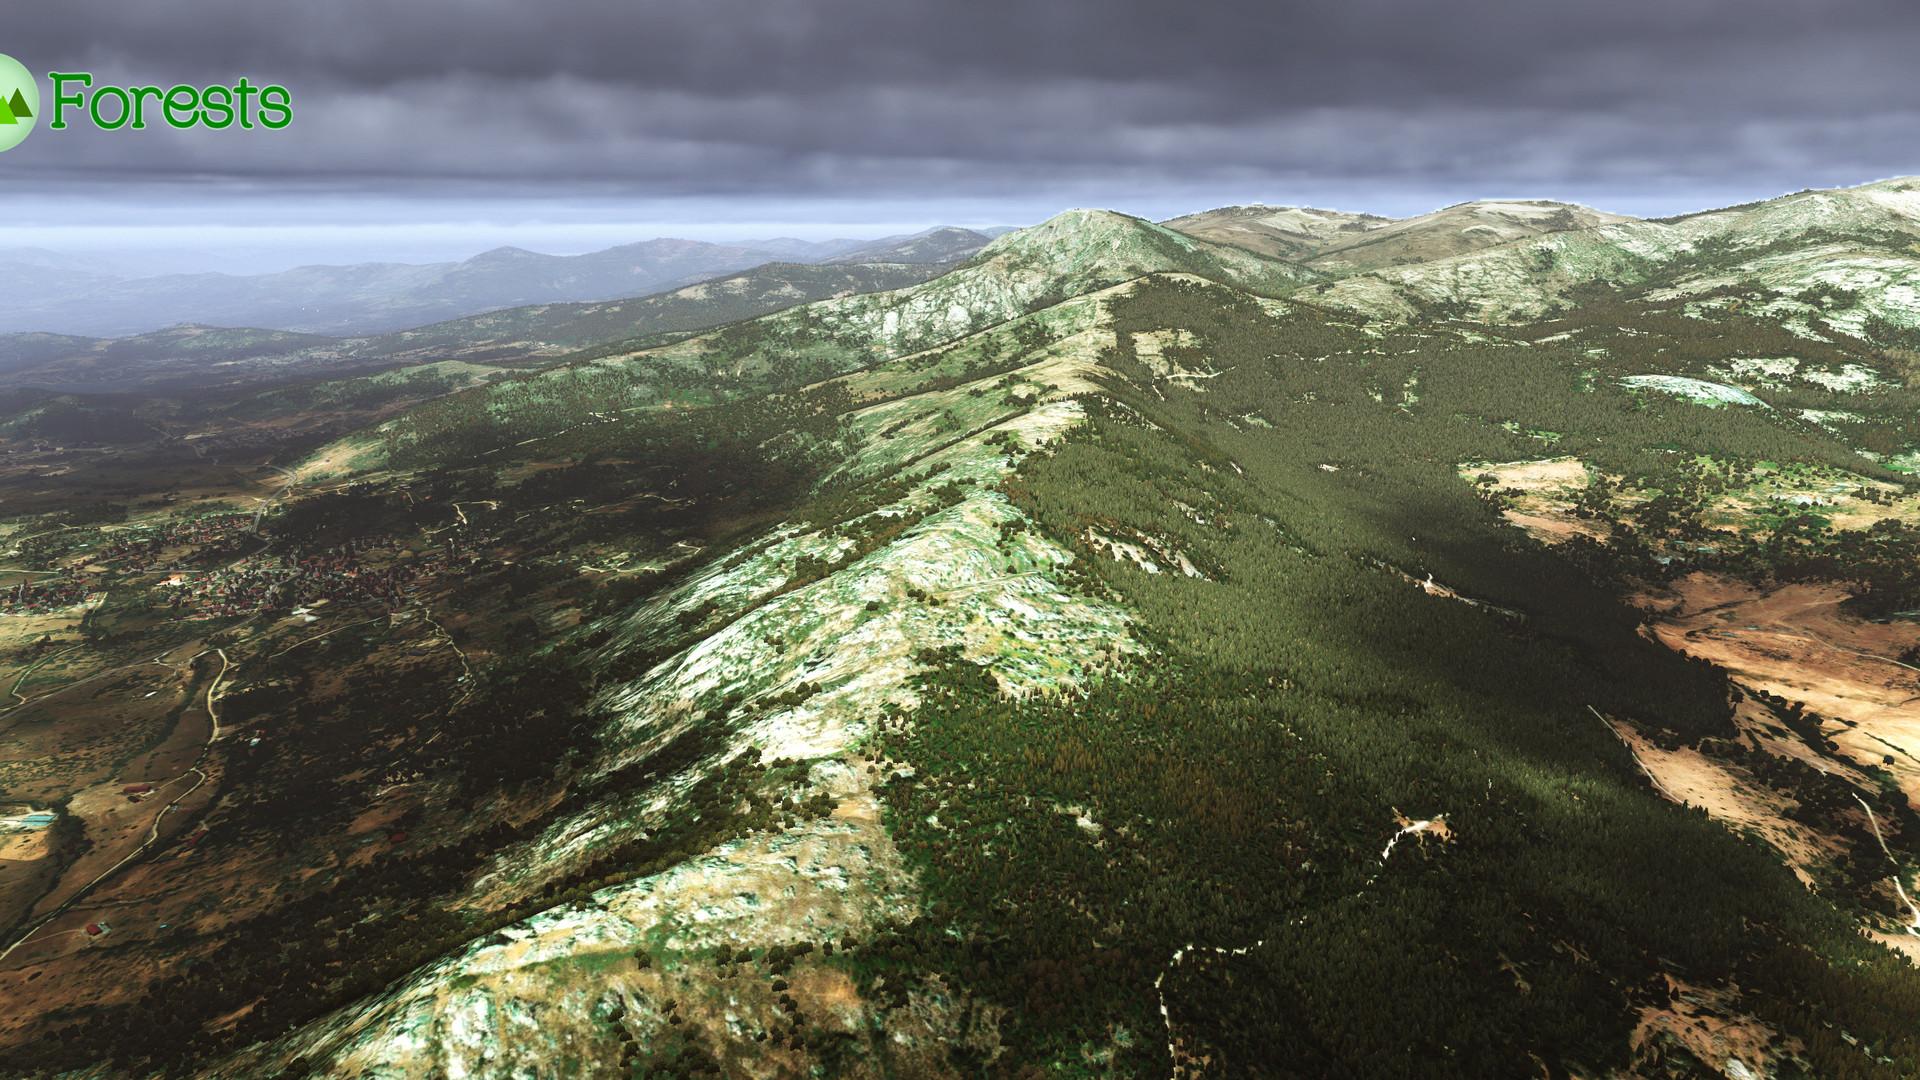 Global_Forests_Spain.jpg